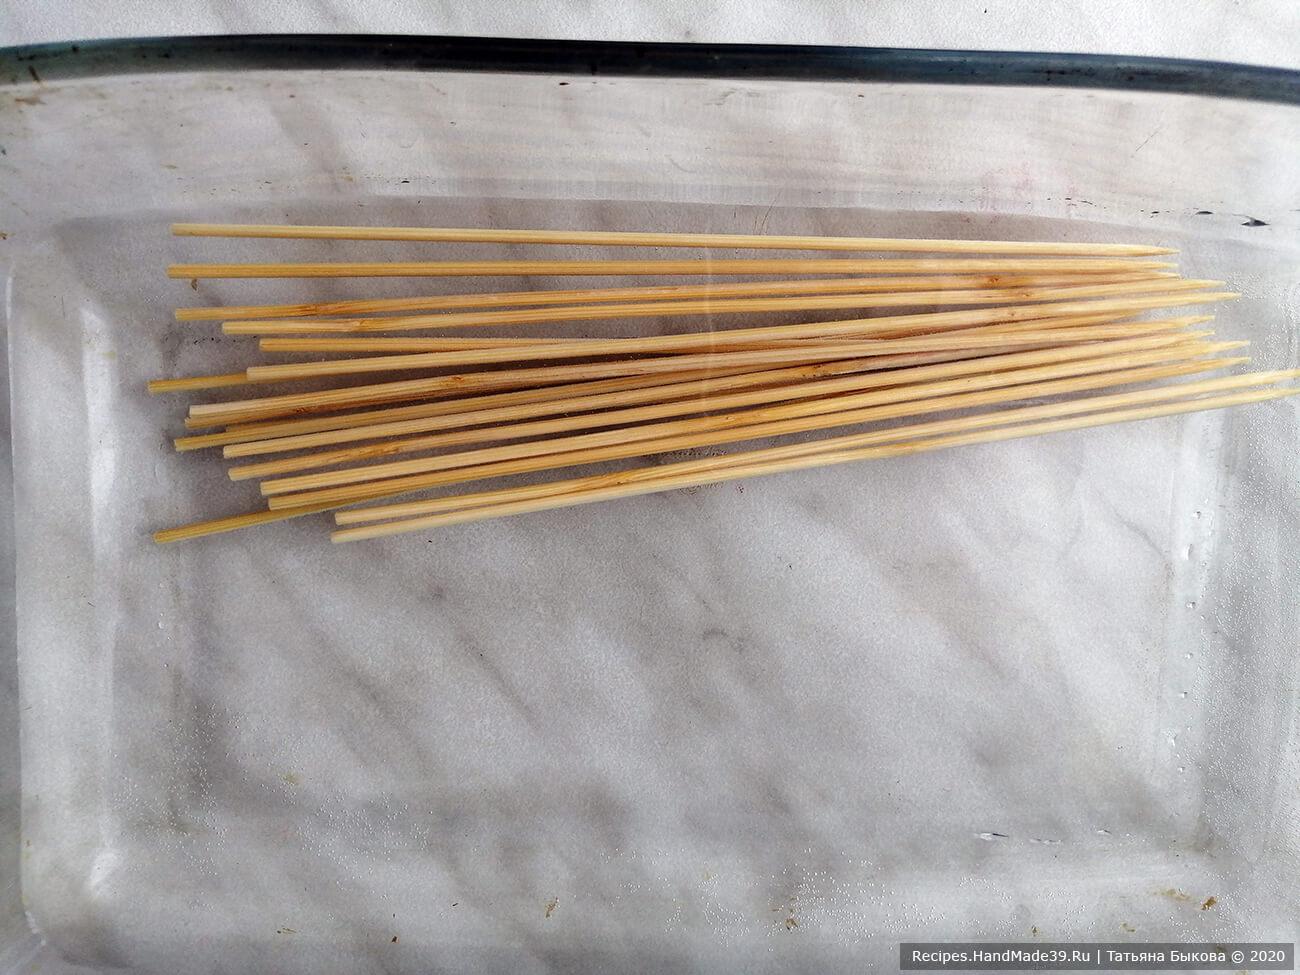 Замочить в воде несколько бамбуковых шпажек для шашлычков